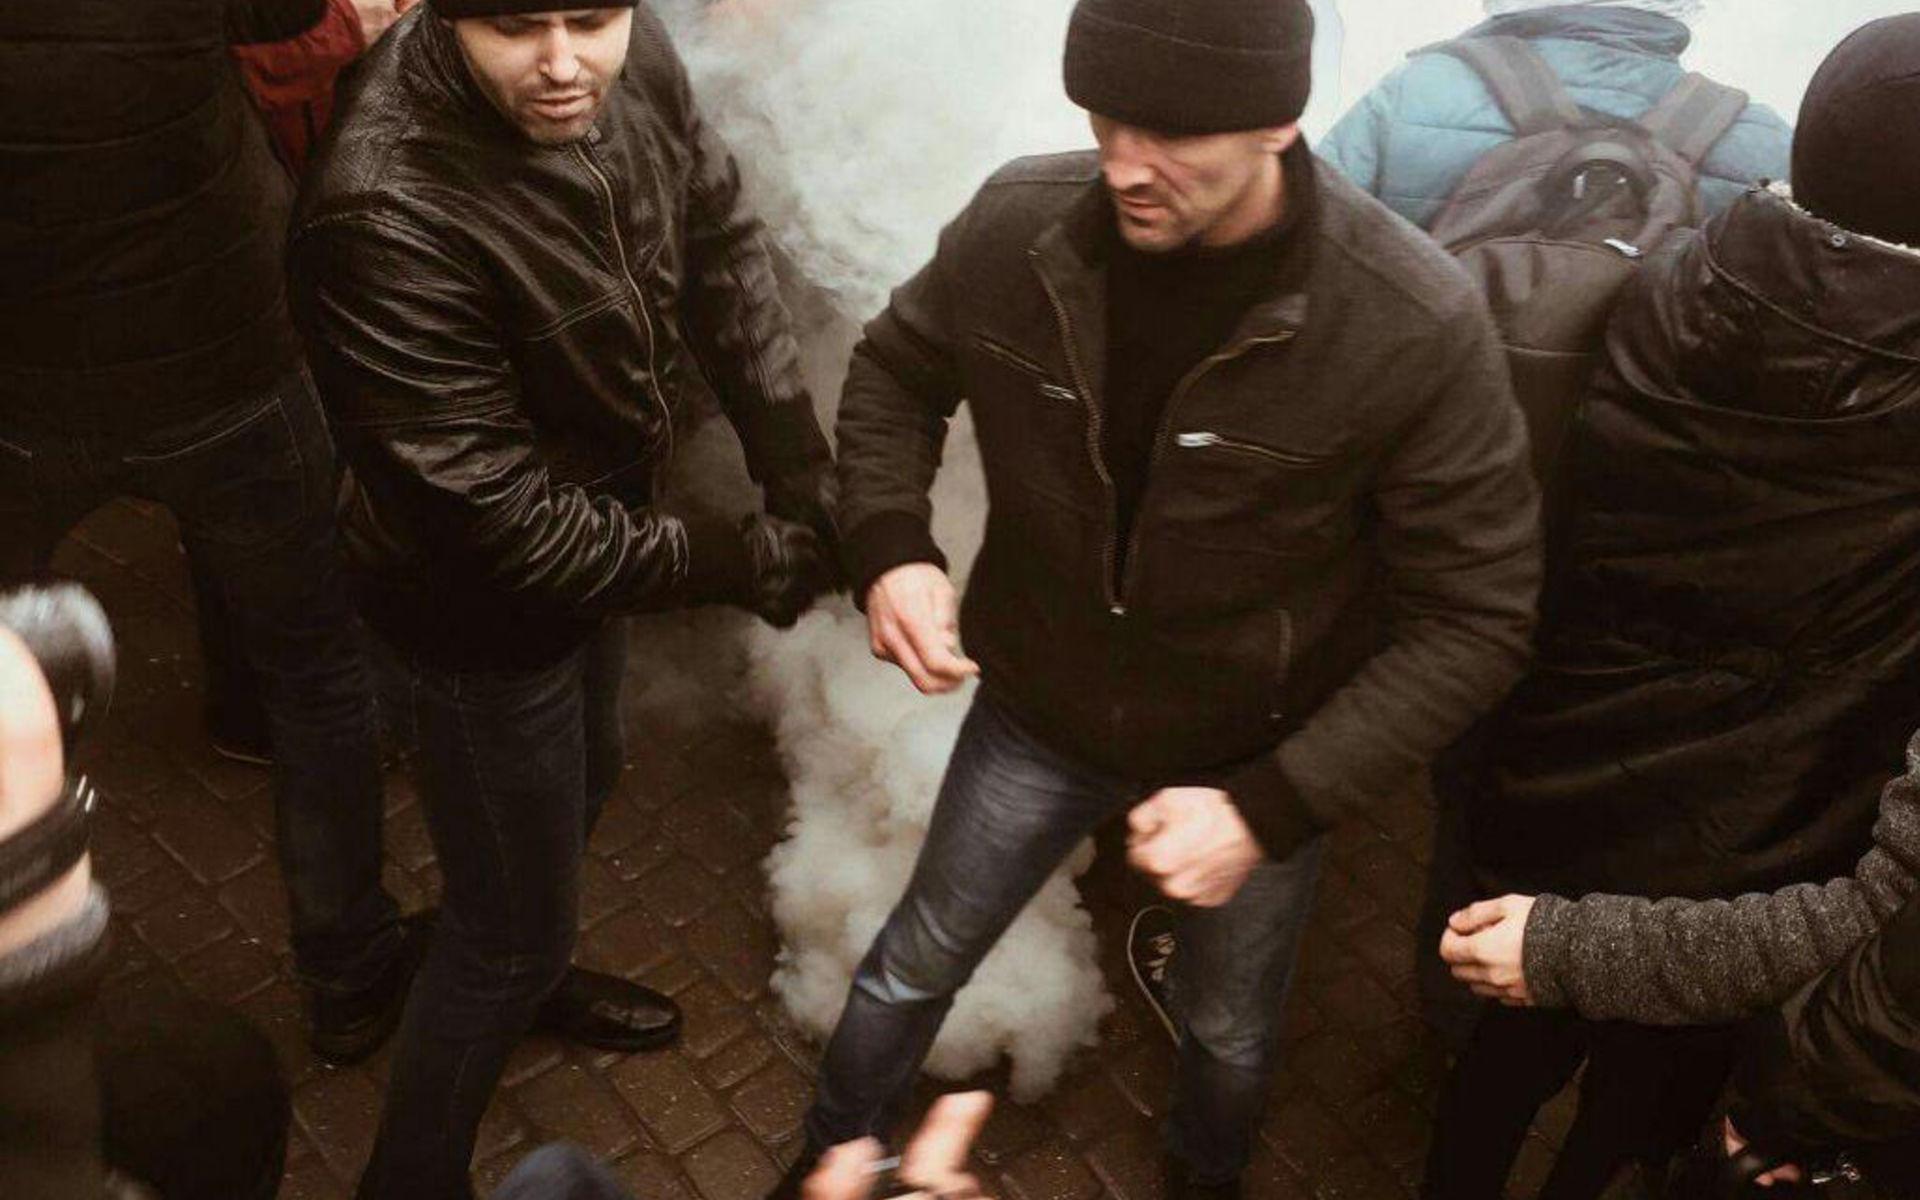 Русских титушек дохуя всех не перегасить фото 320-695